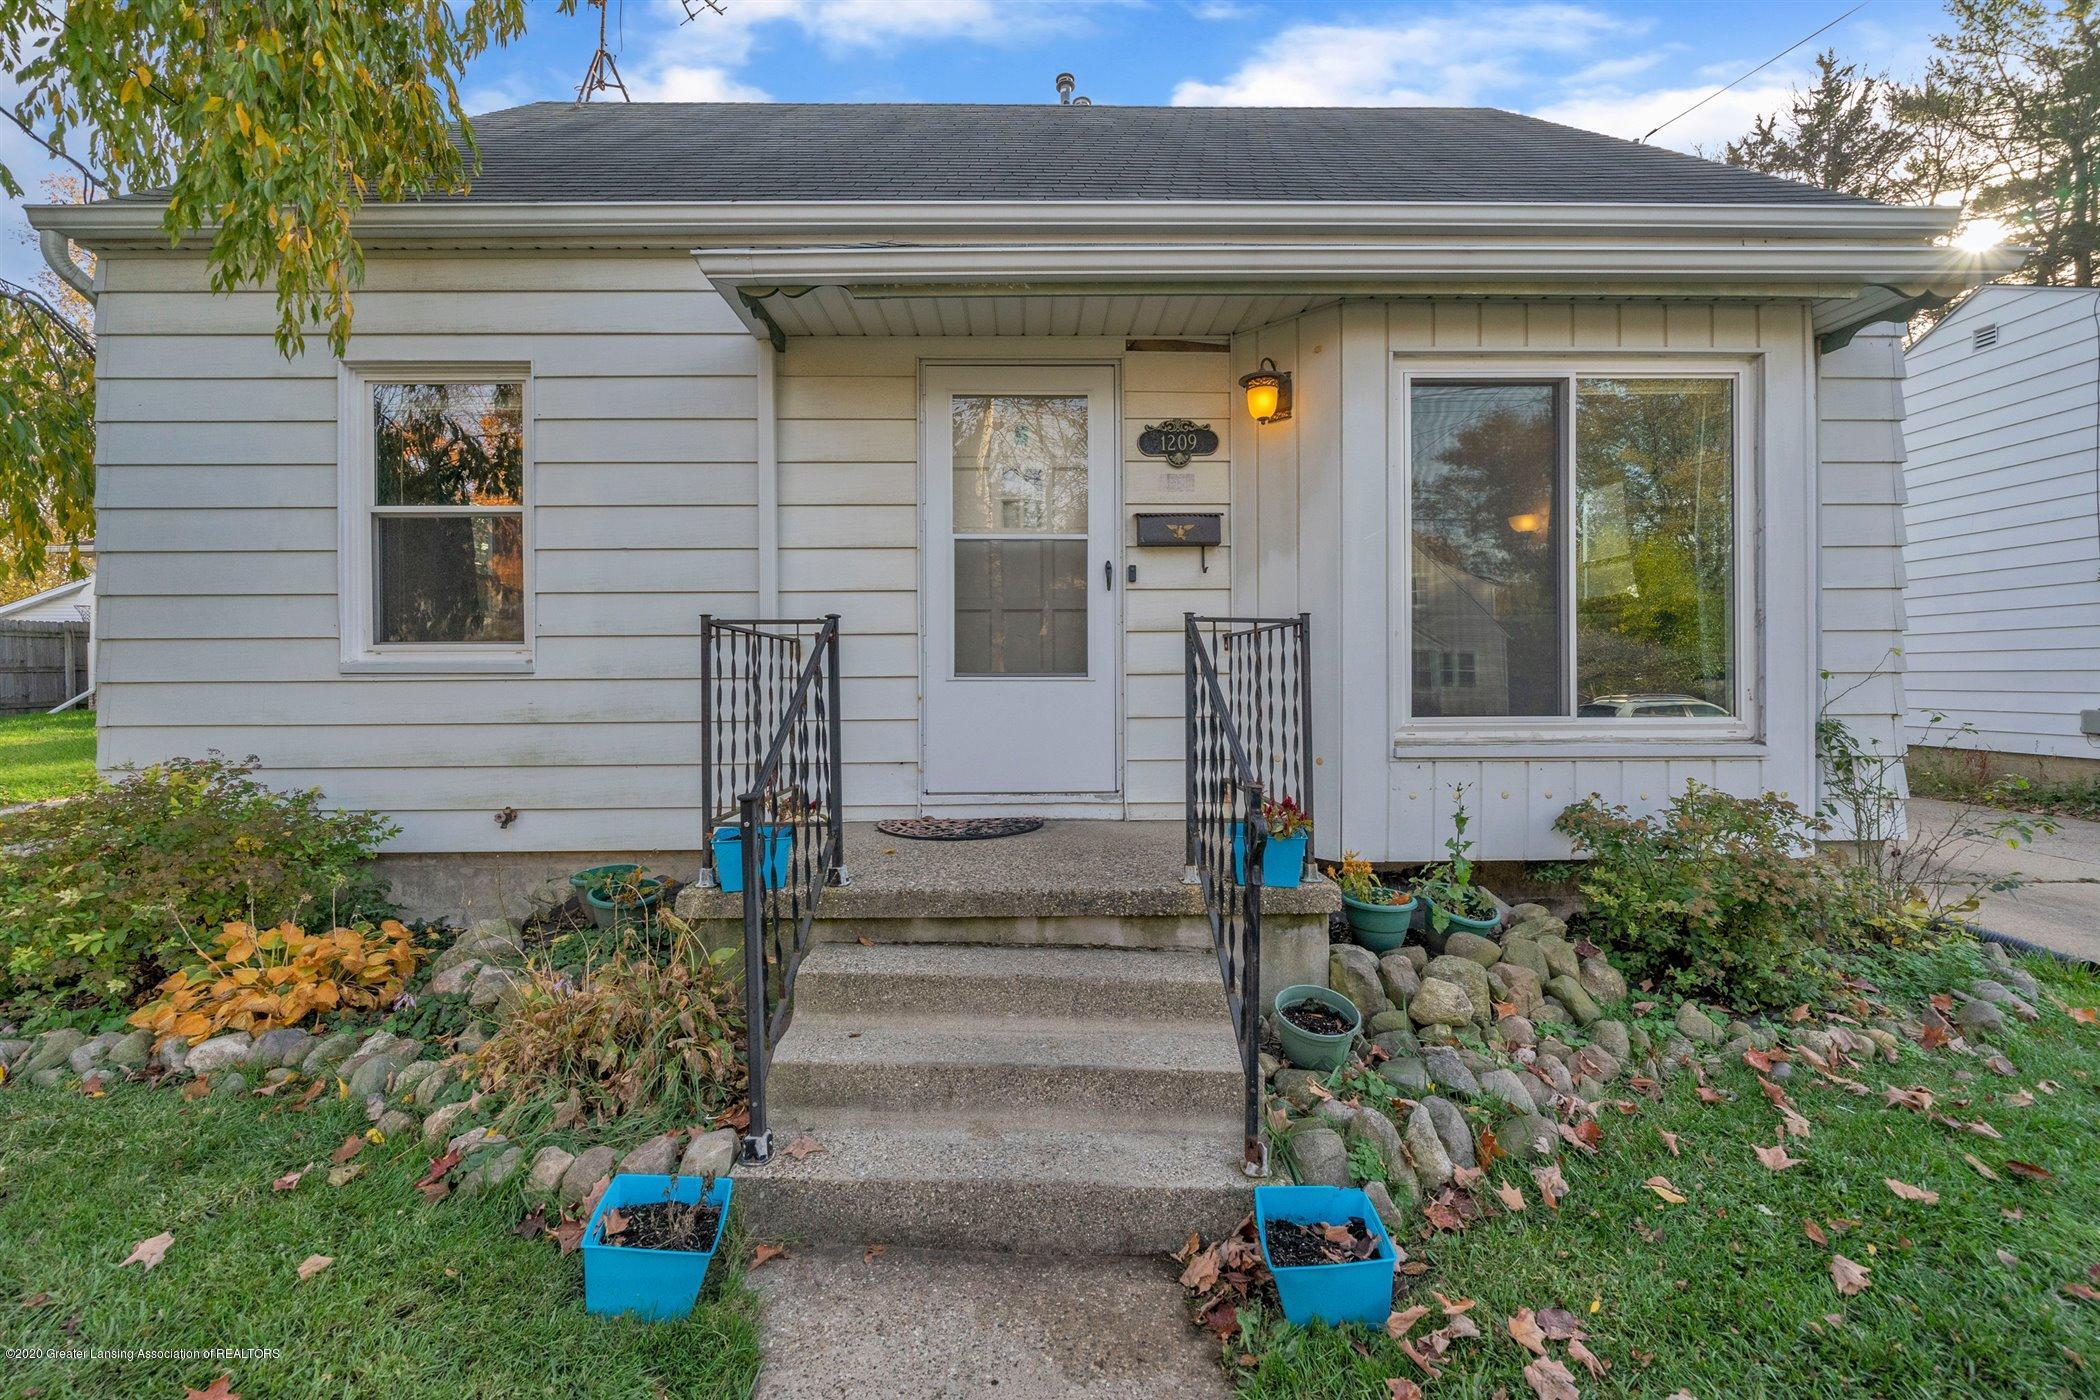 1209 Lenore Ave - 05-1209-Lenore-Ave-WindowStill-Real - 3